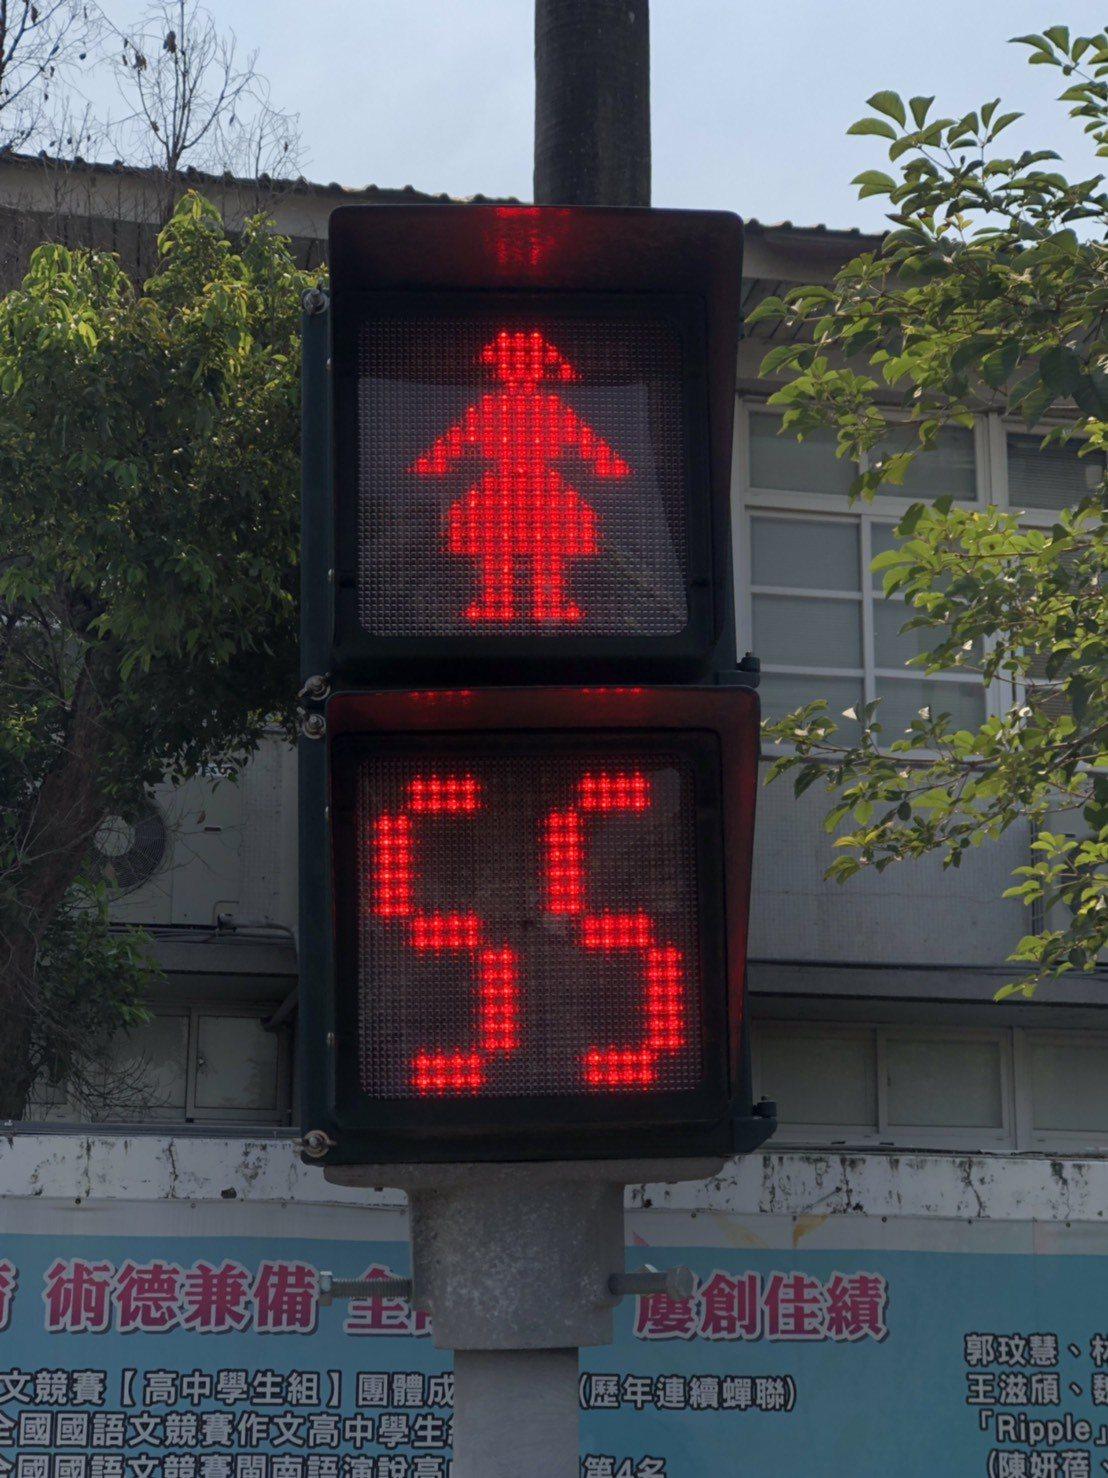 嘉義市全國獨創女版小紅人,號誌燈內的小紅人穿裙裝、留長髮,呈現女性圖像。圖/嘉義...